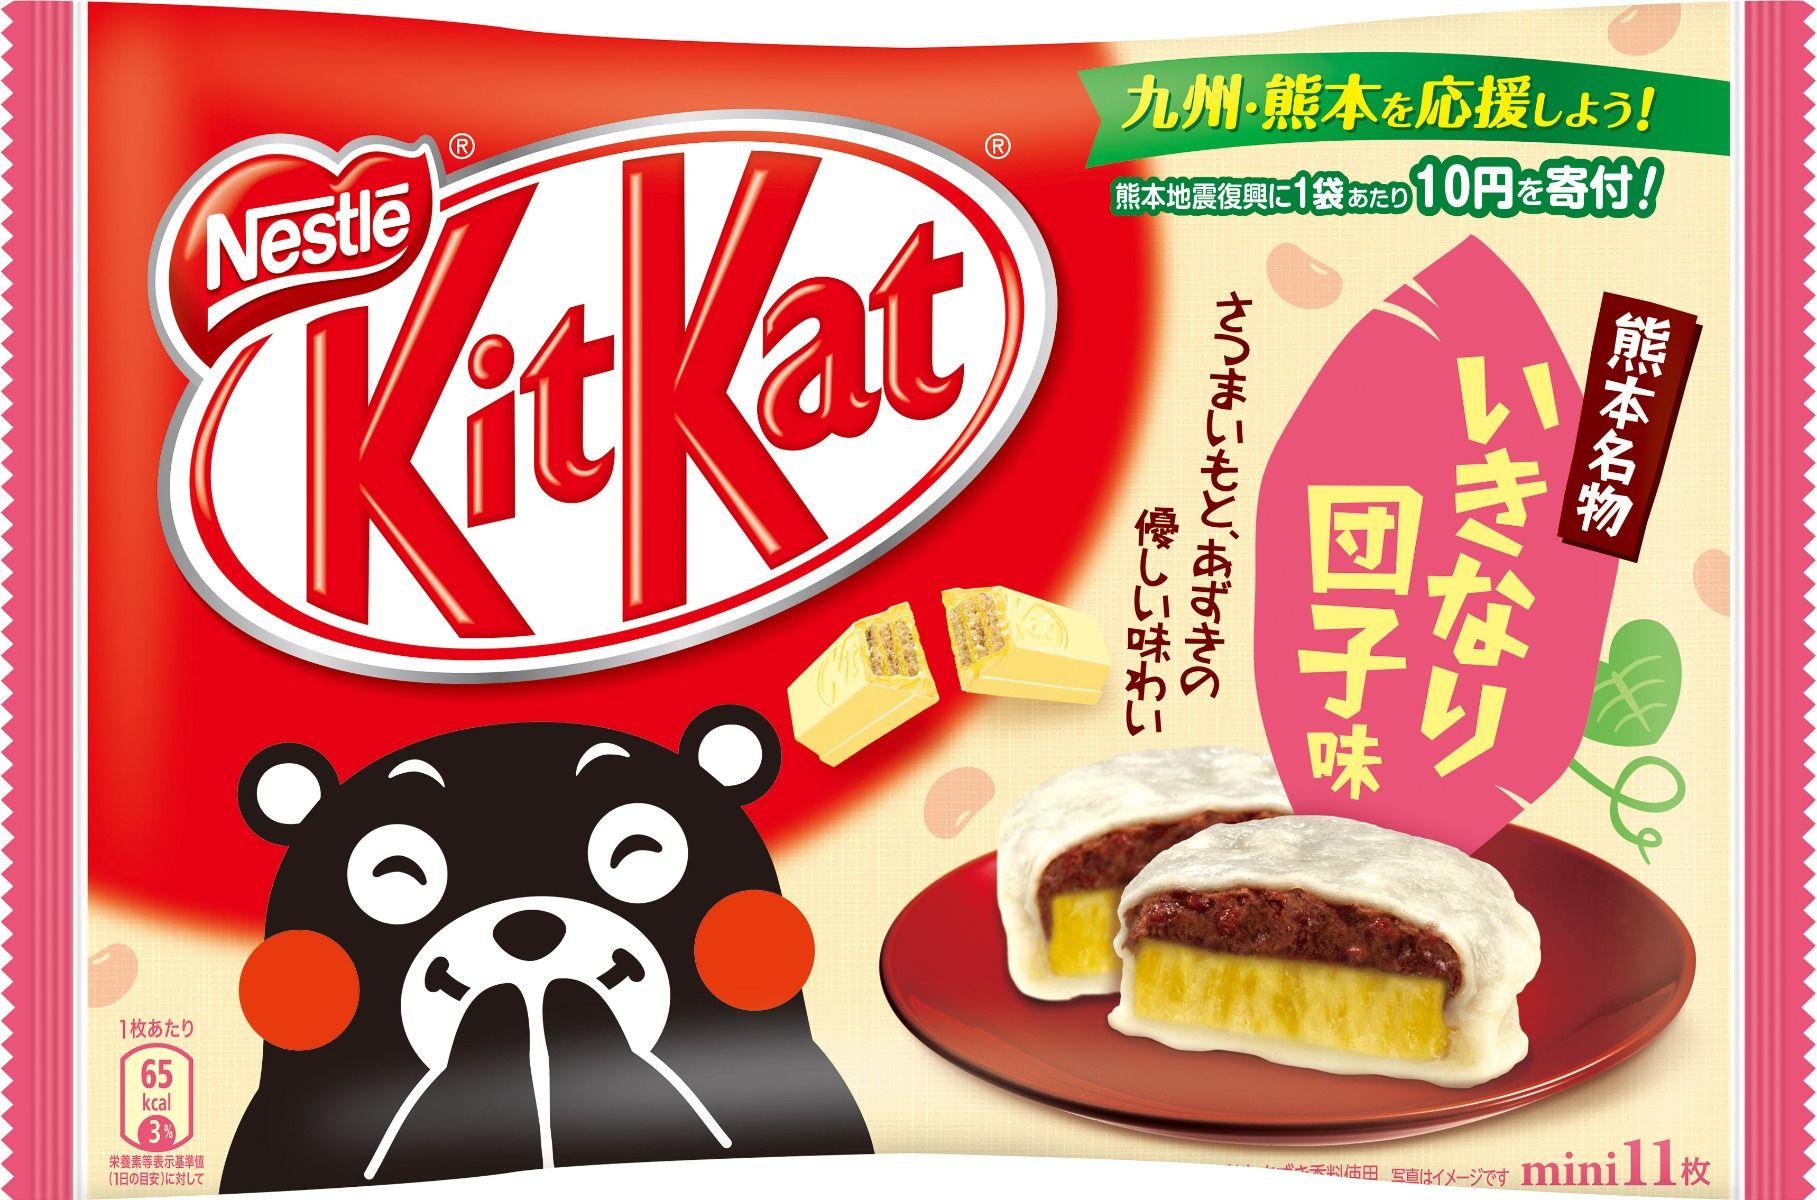 キットカットいきなり団子味で九州・熊本を応援しよう!